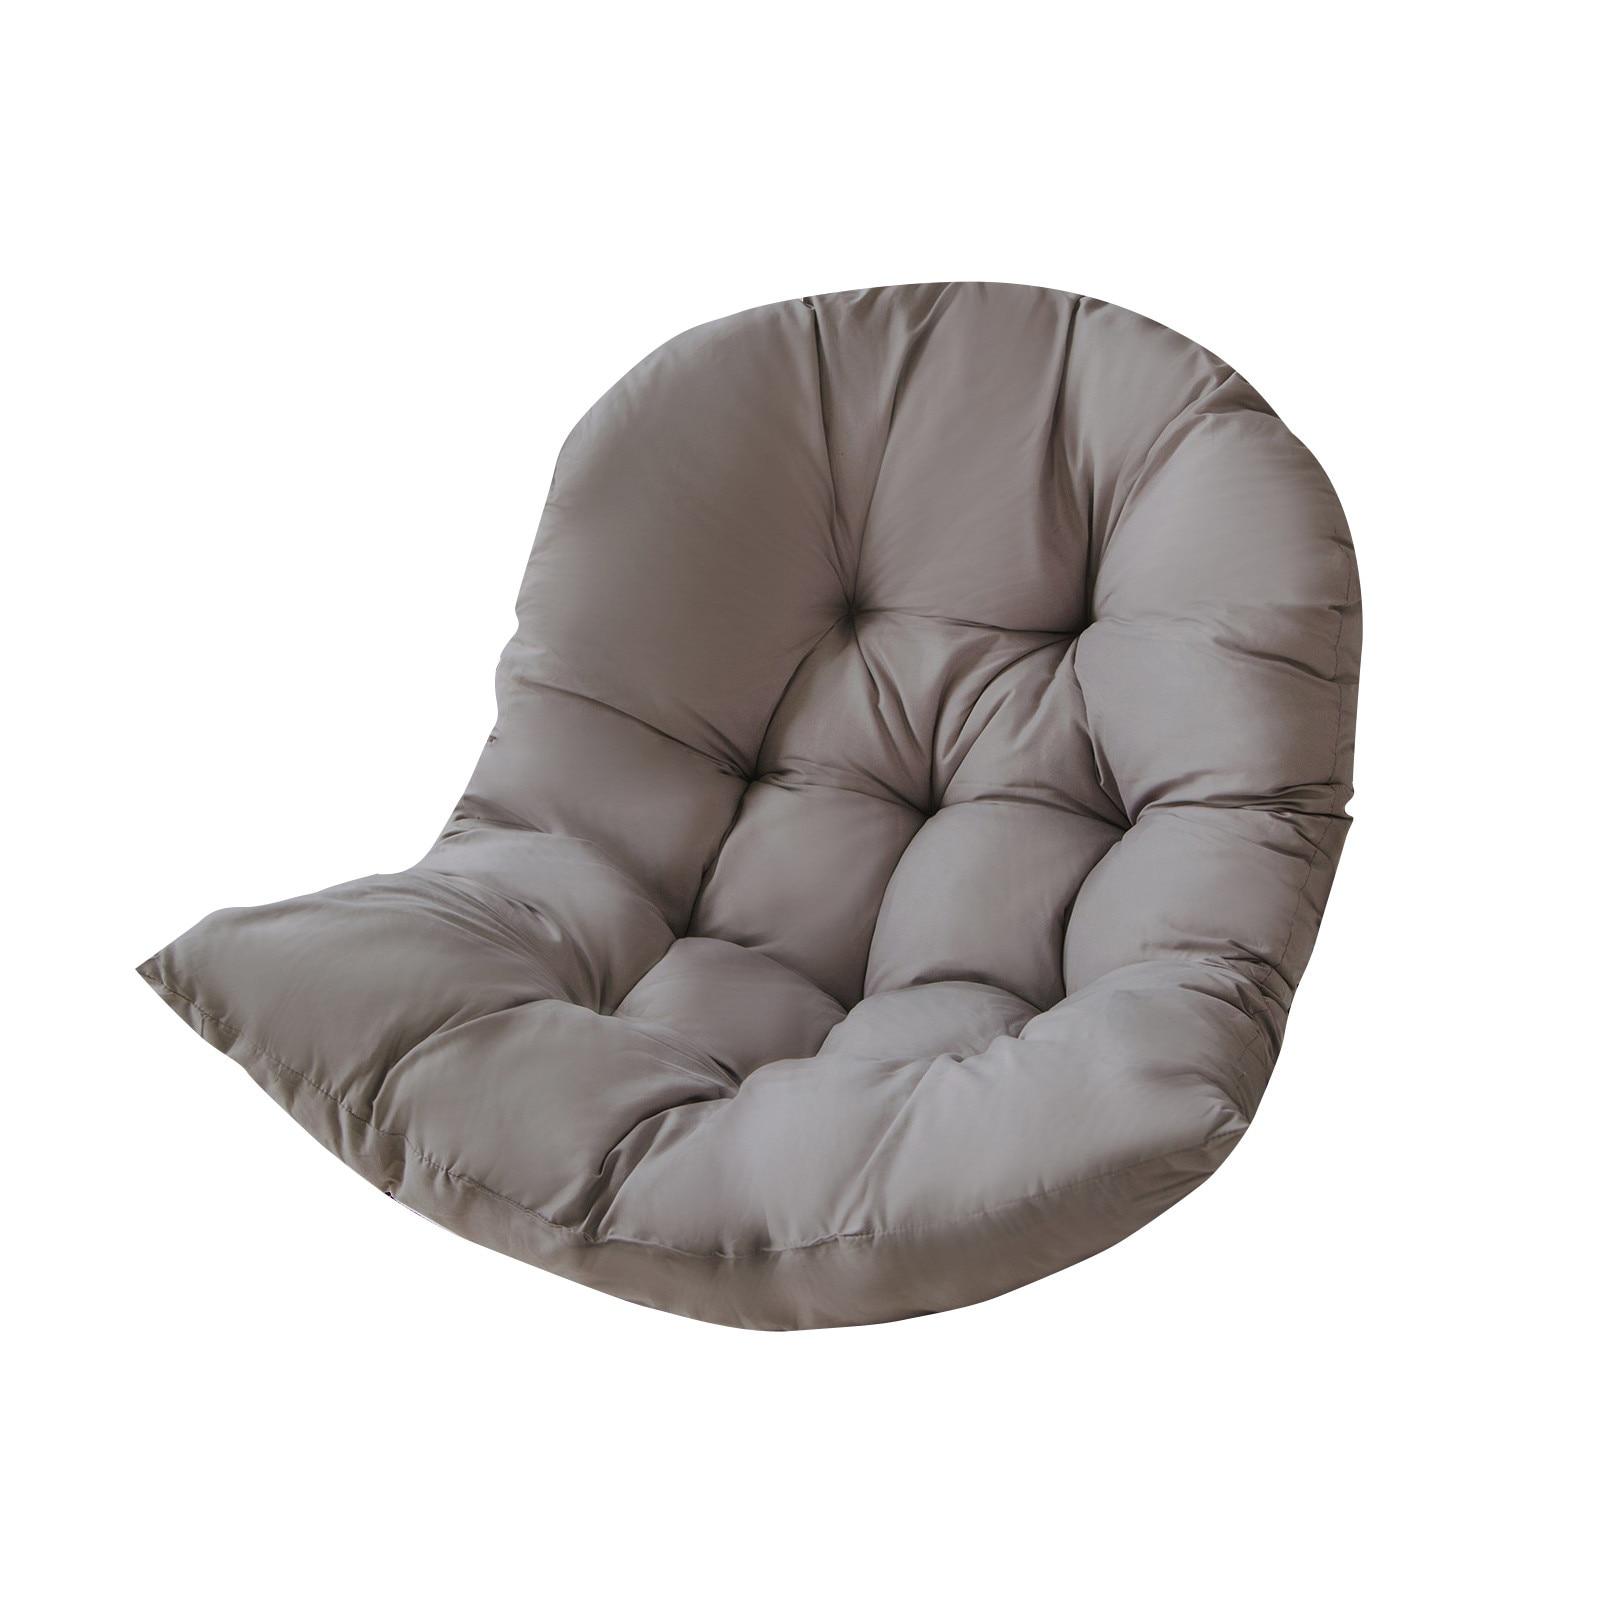 Подушка для кресла в форме яйца, подвесная корзина, подушки, подушки, подушка в одно крыло, подушка для кресла, подвесной матрас, интегрирова...